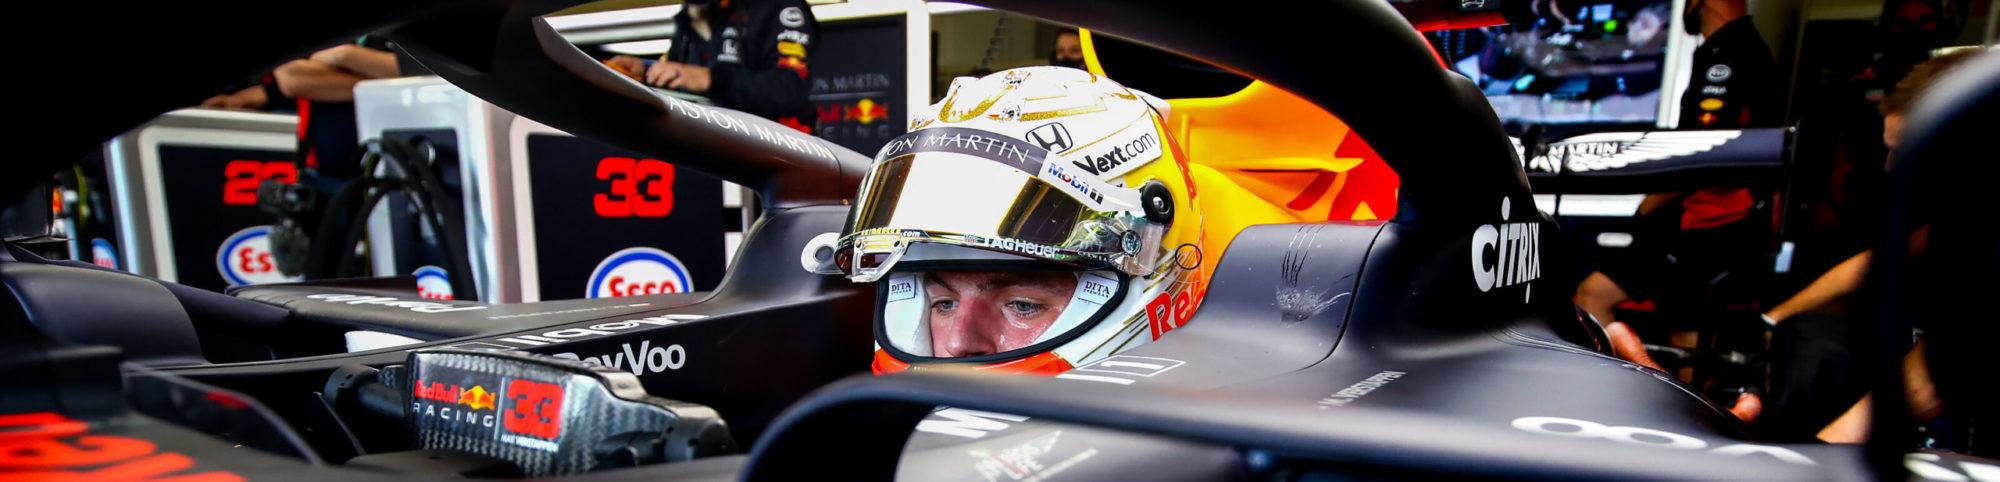 F1 ニュース&コラム Passion